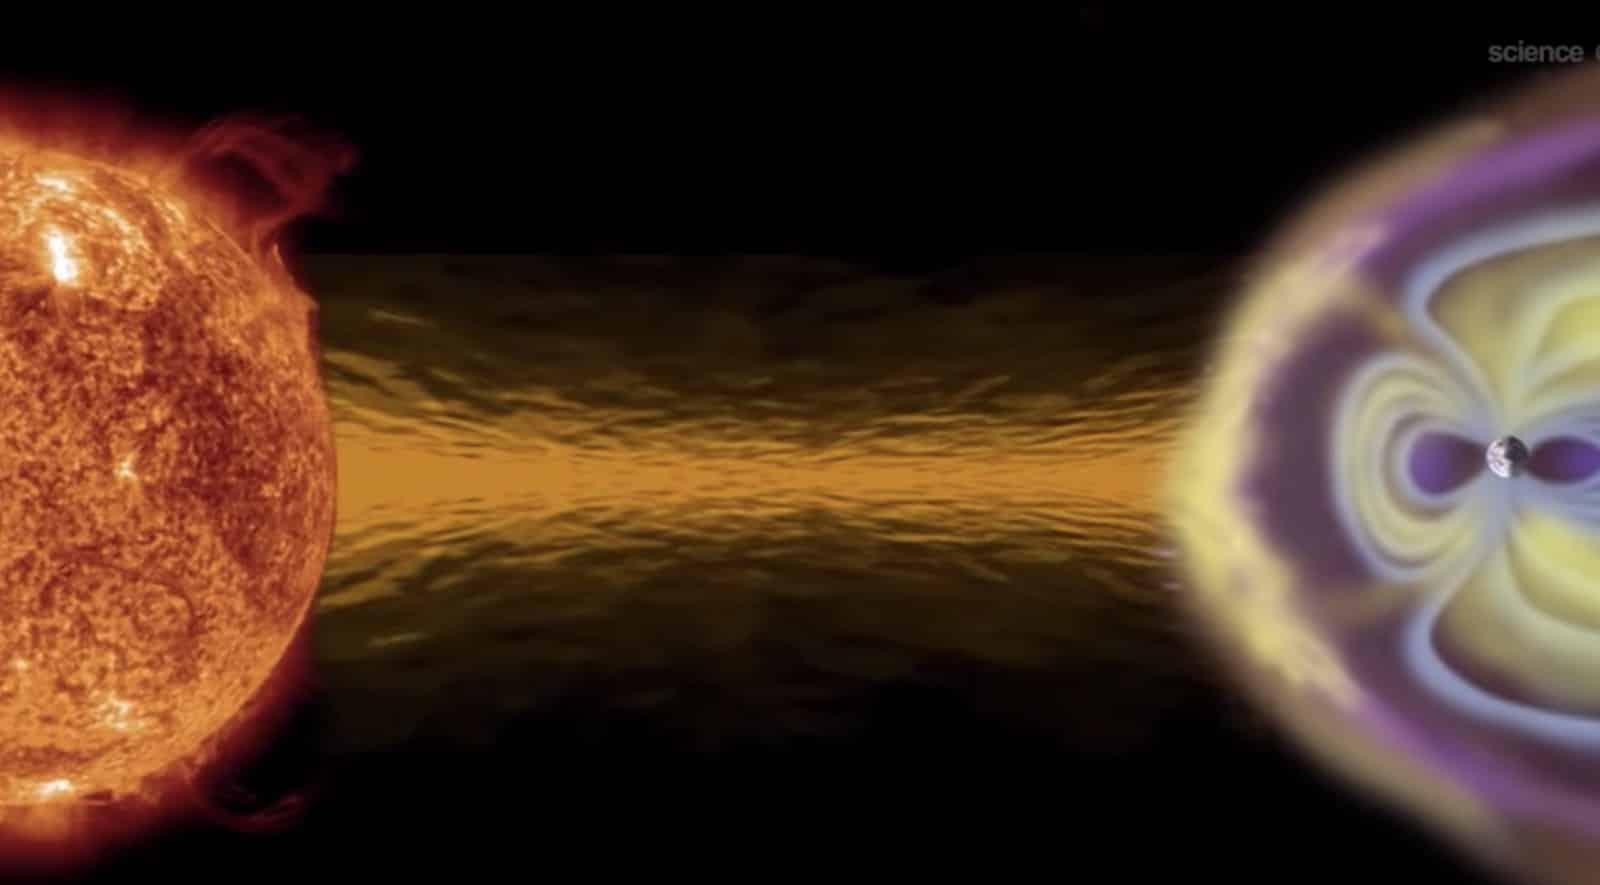 Солнечный ультрафиолет нейтрализует коронавирус, настаивают европейские исследователи